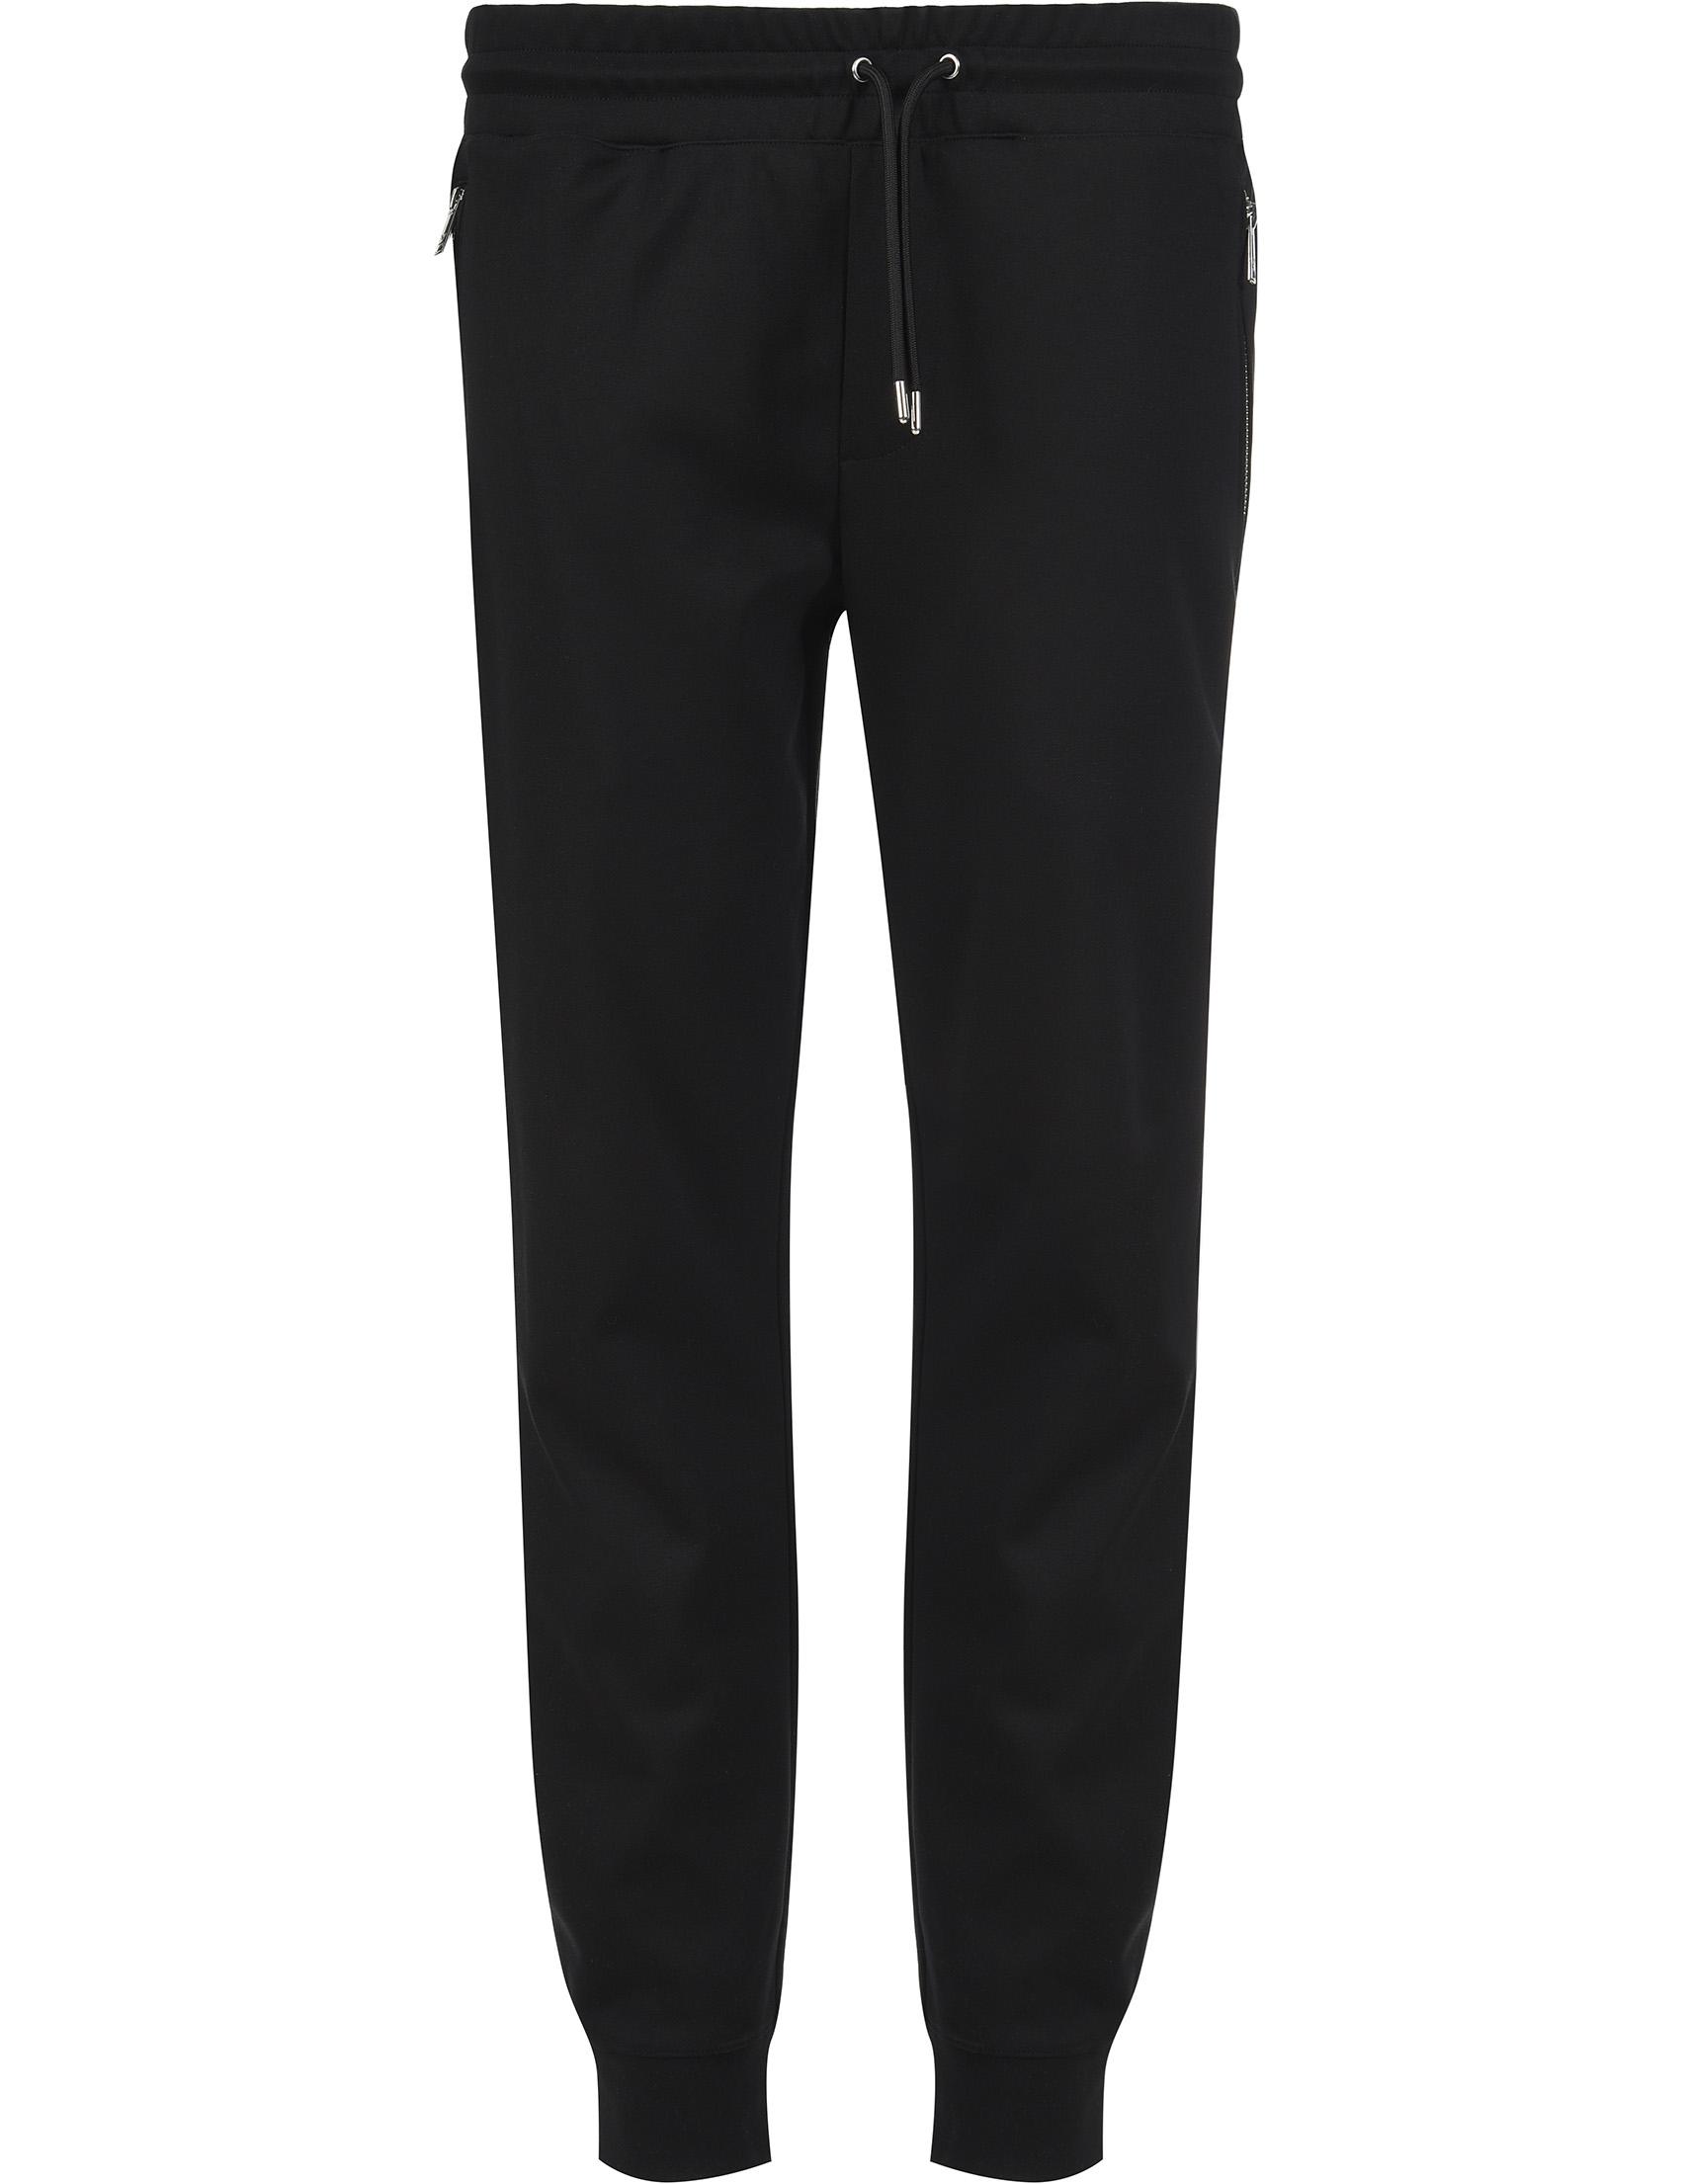 Купить Спортивные брюки, EMPORIO ARMANI, Черный, 100%Хлопок, Весна-Лето